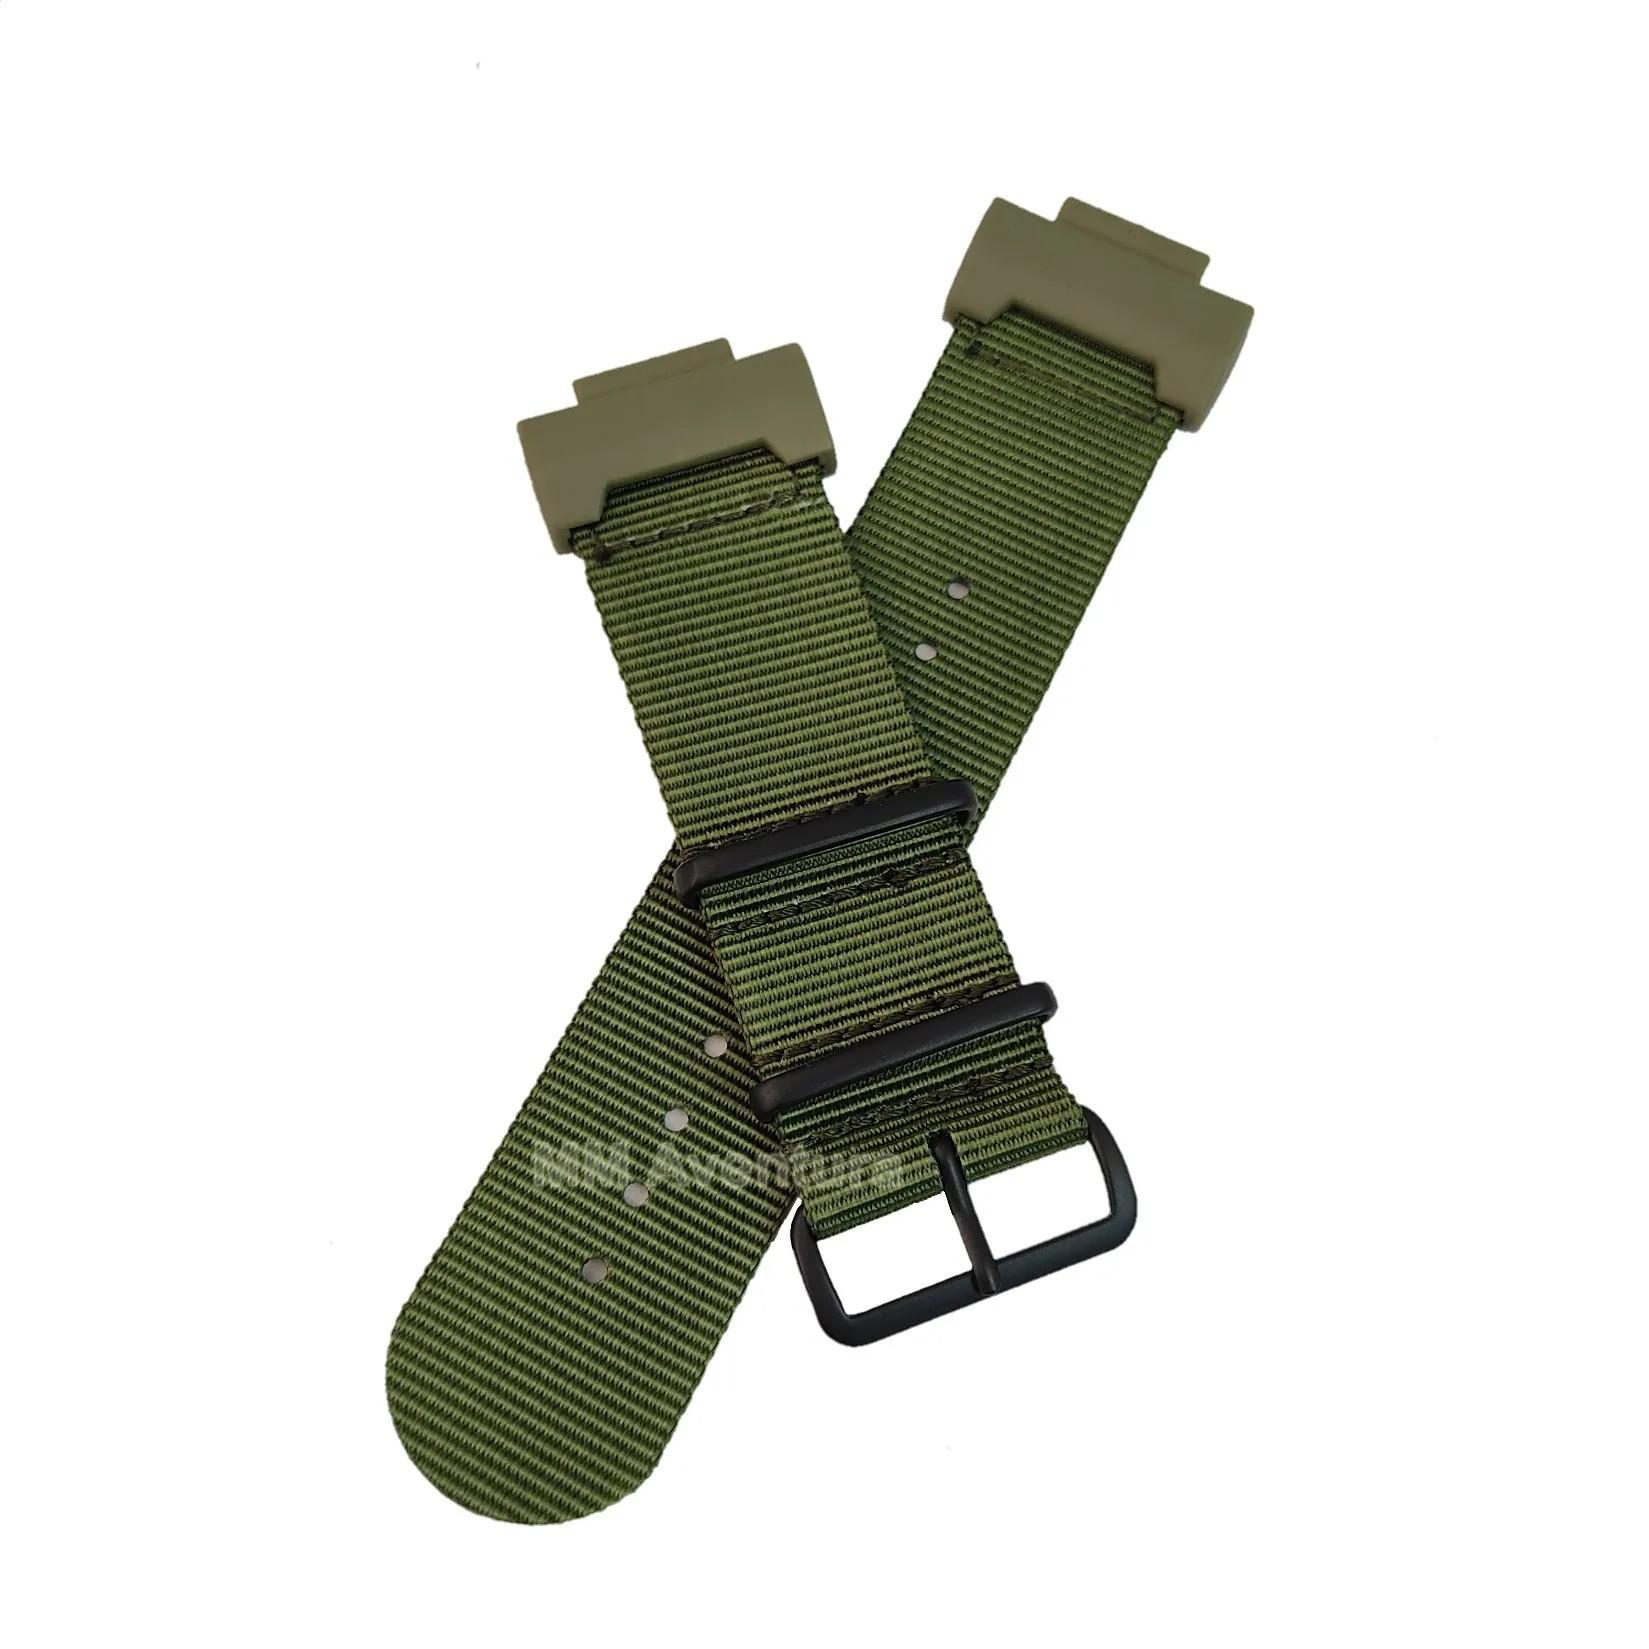 Pulseira de Nylon Nato JaysAndKays c/ Adaptador para G-Shock GX56 GW9400 G1000 G9300 Etc